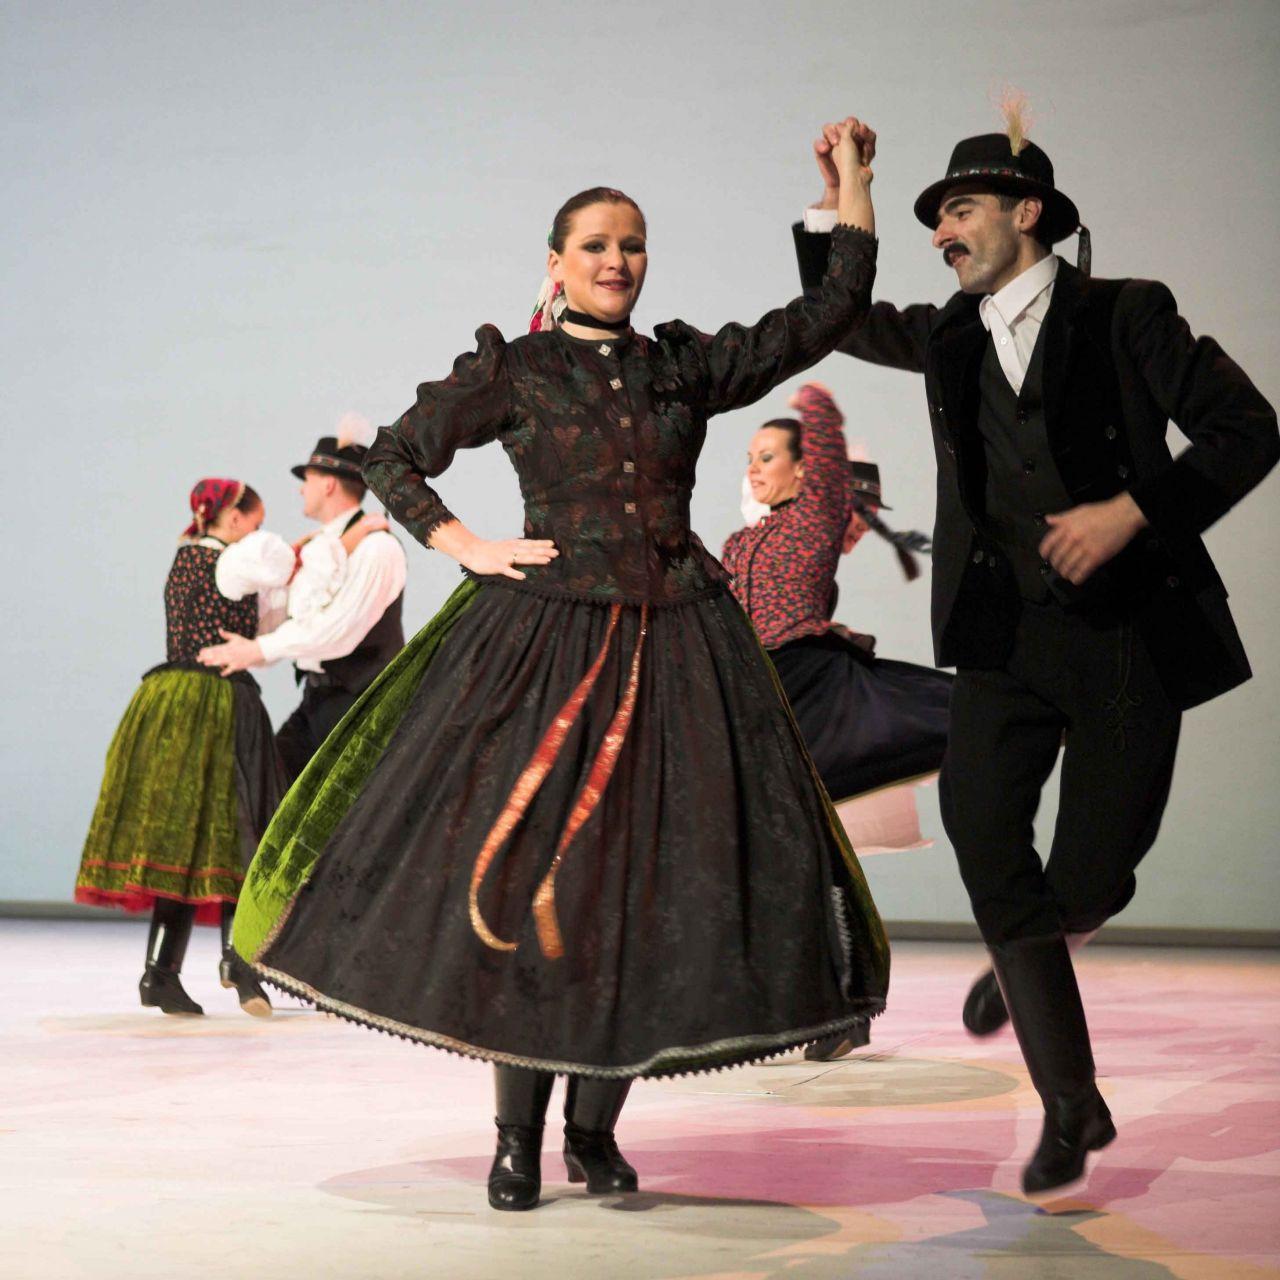 Szilveszteri Gála vacsora Folklór táncelőadással a Duna Palotában